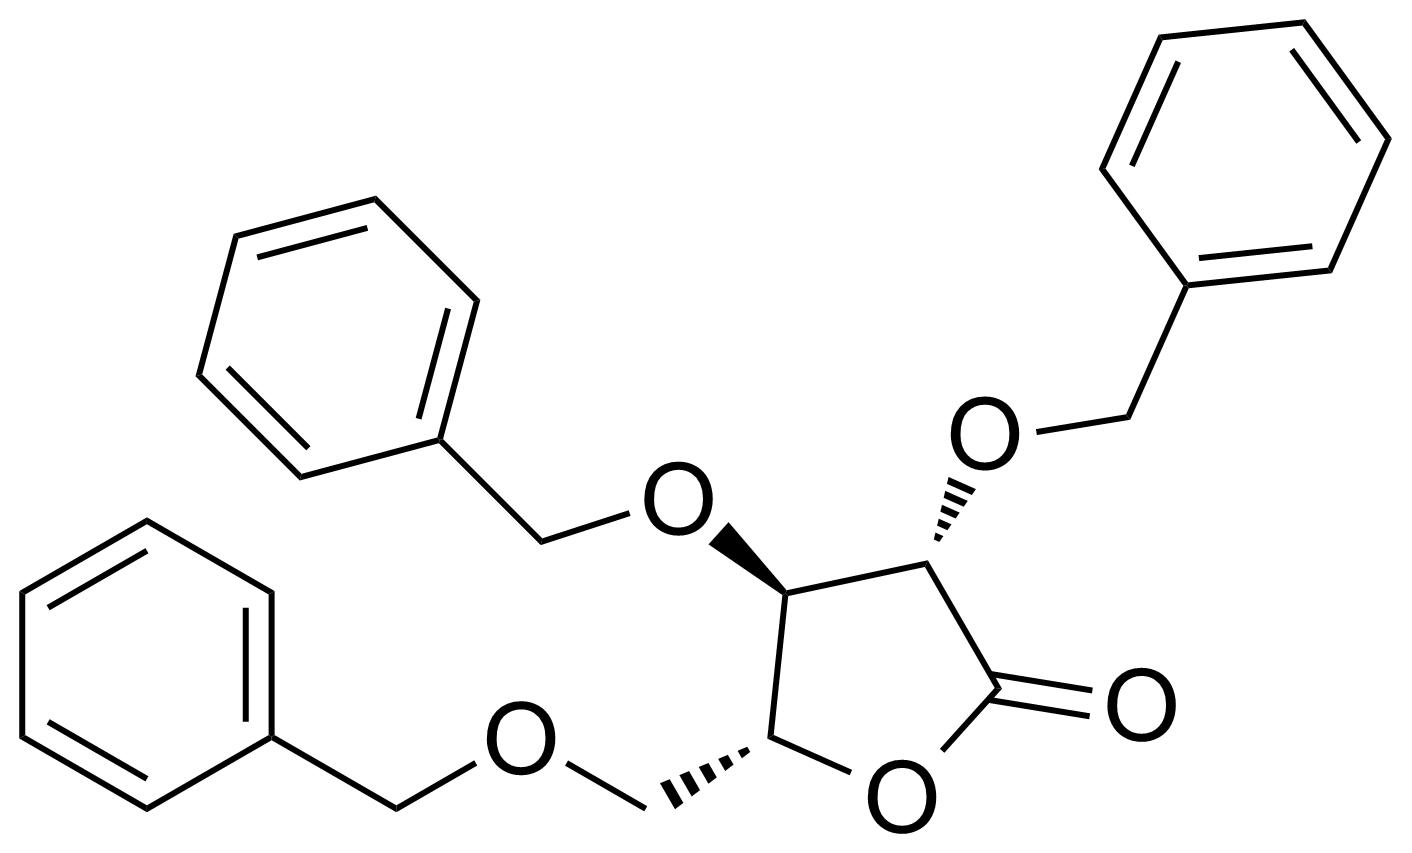 Structure of 2,3,5-Tri-o-benzyl-d-arabino-1,4-lactone